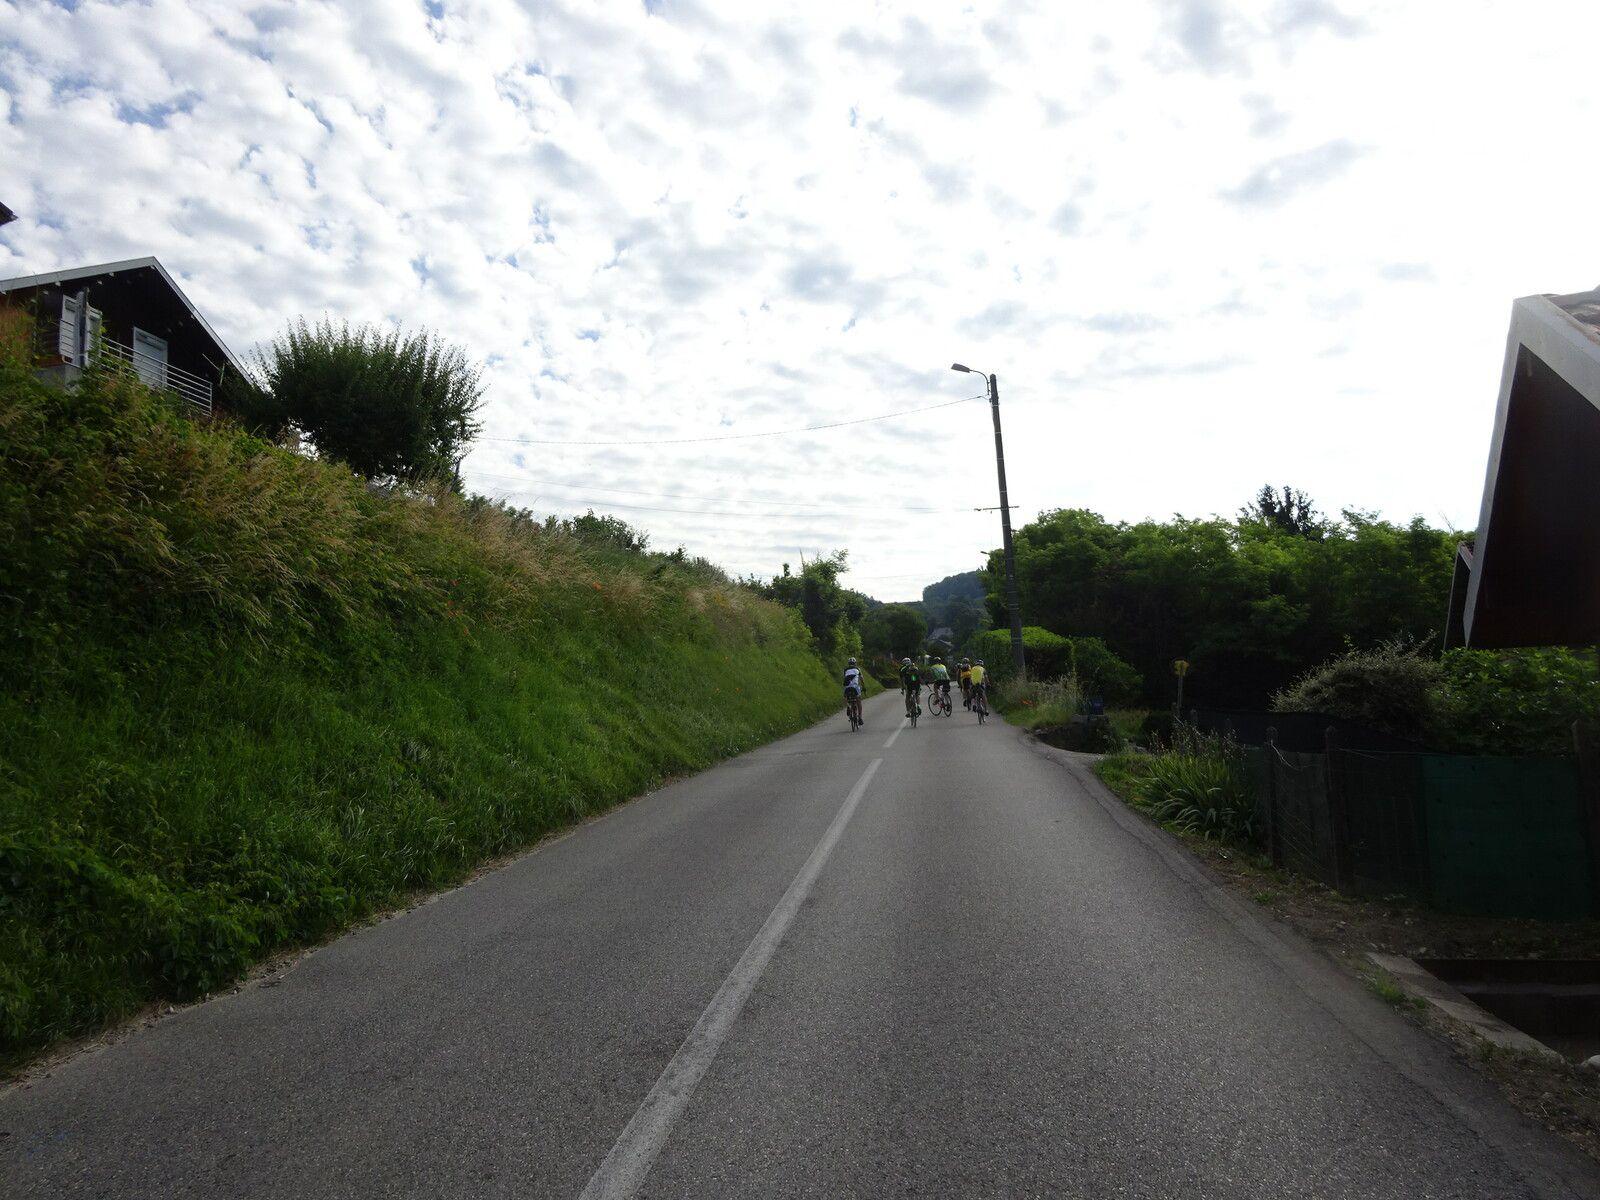 LE SEMNOZ -Montagne -   Grézy sur Aix(73)  Mardi 15 Juin 2021